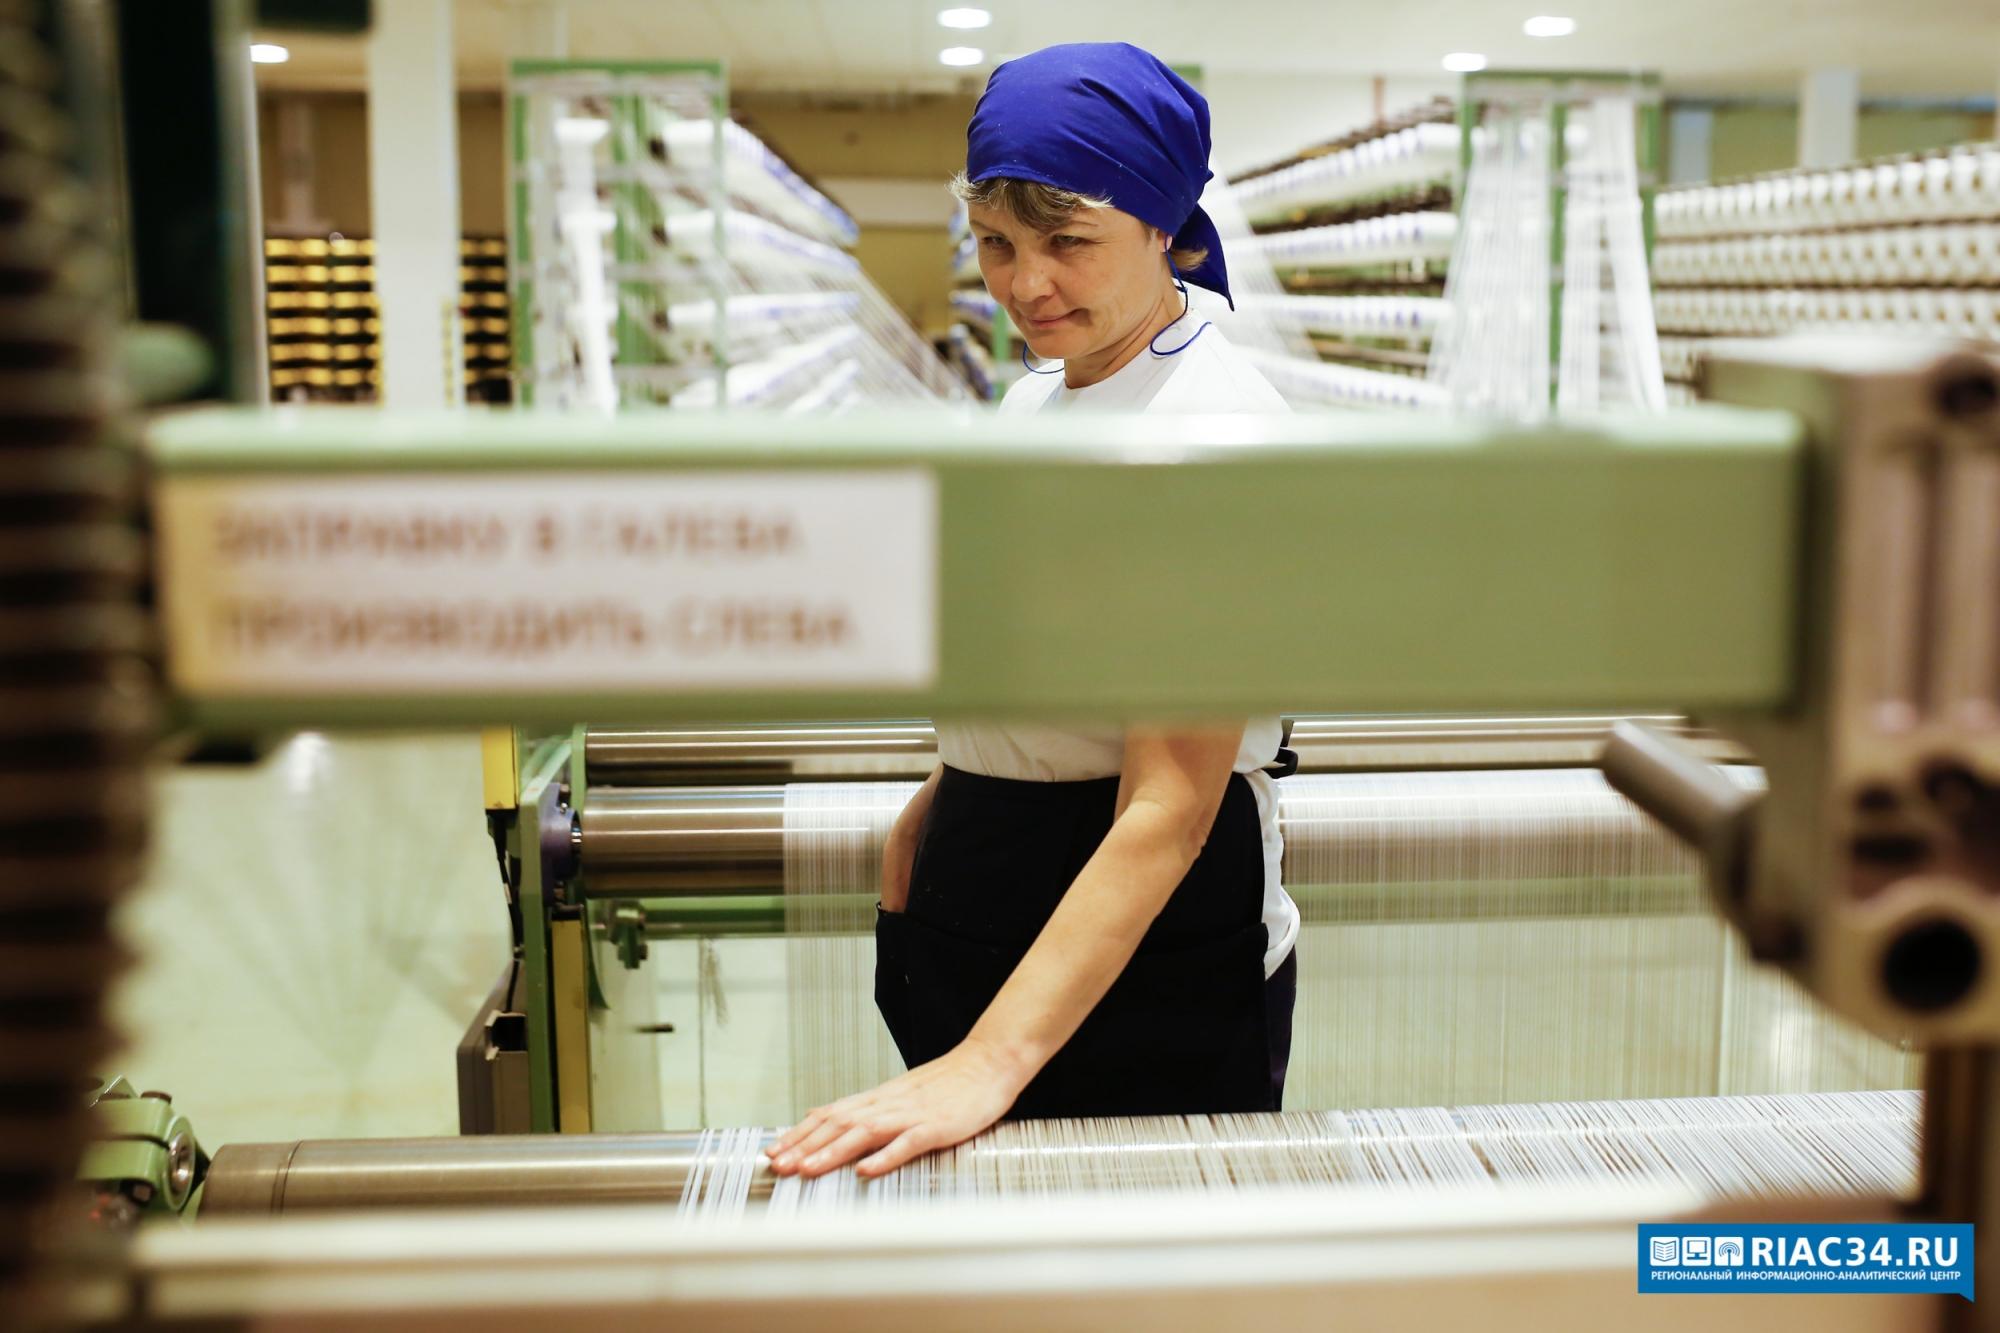 Андрей Бочаров насовещании рассмотрел вопрос своевременной выплаты зарплат волгоградцам